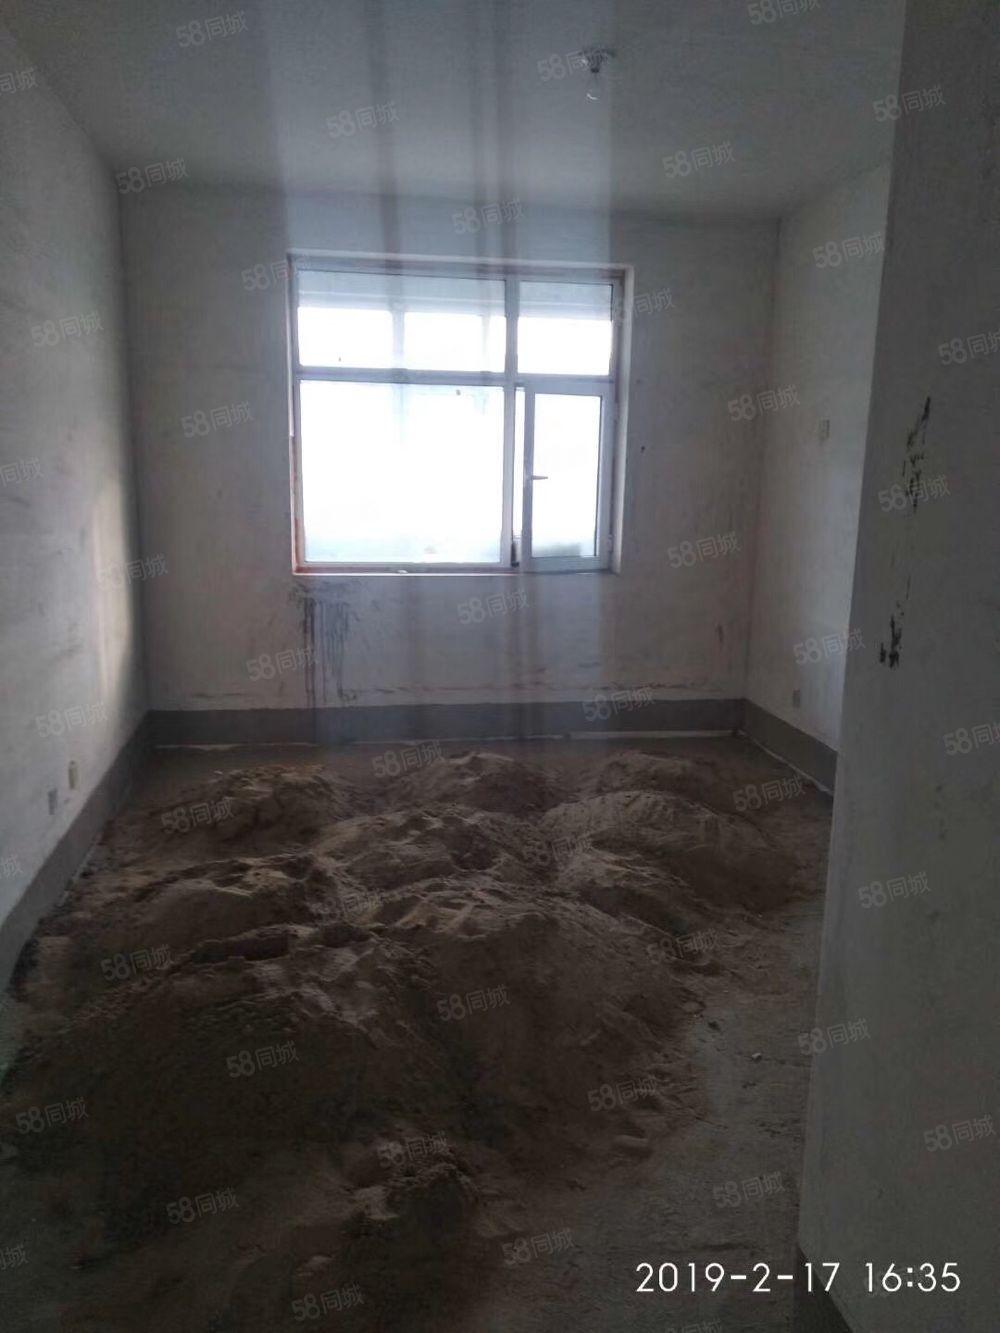 �L瑞�\城,120平方,三室,毛坯房,售�r90�f,全款也�h�r